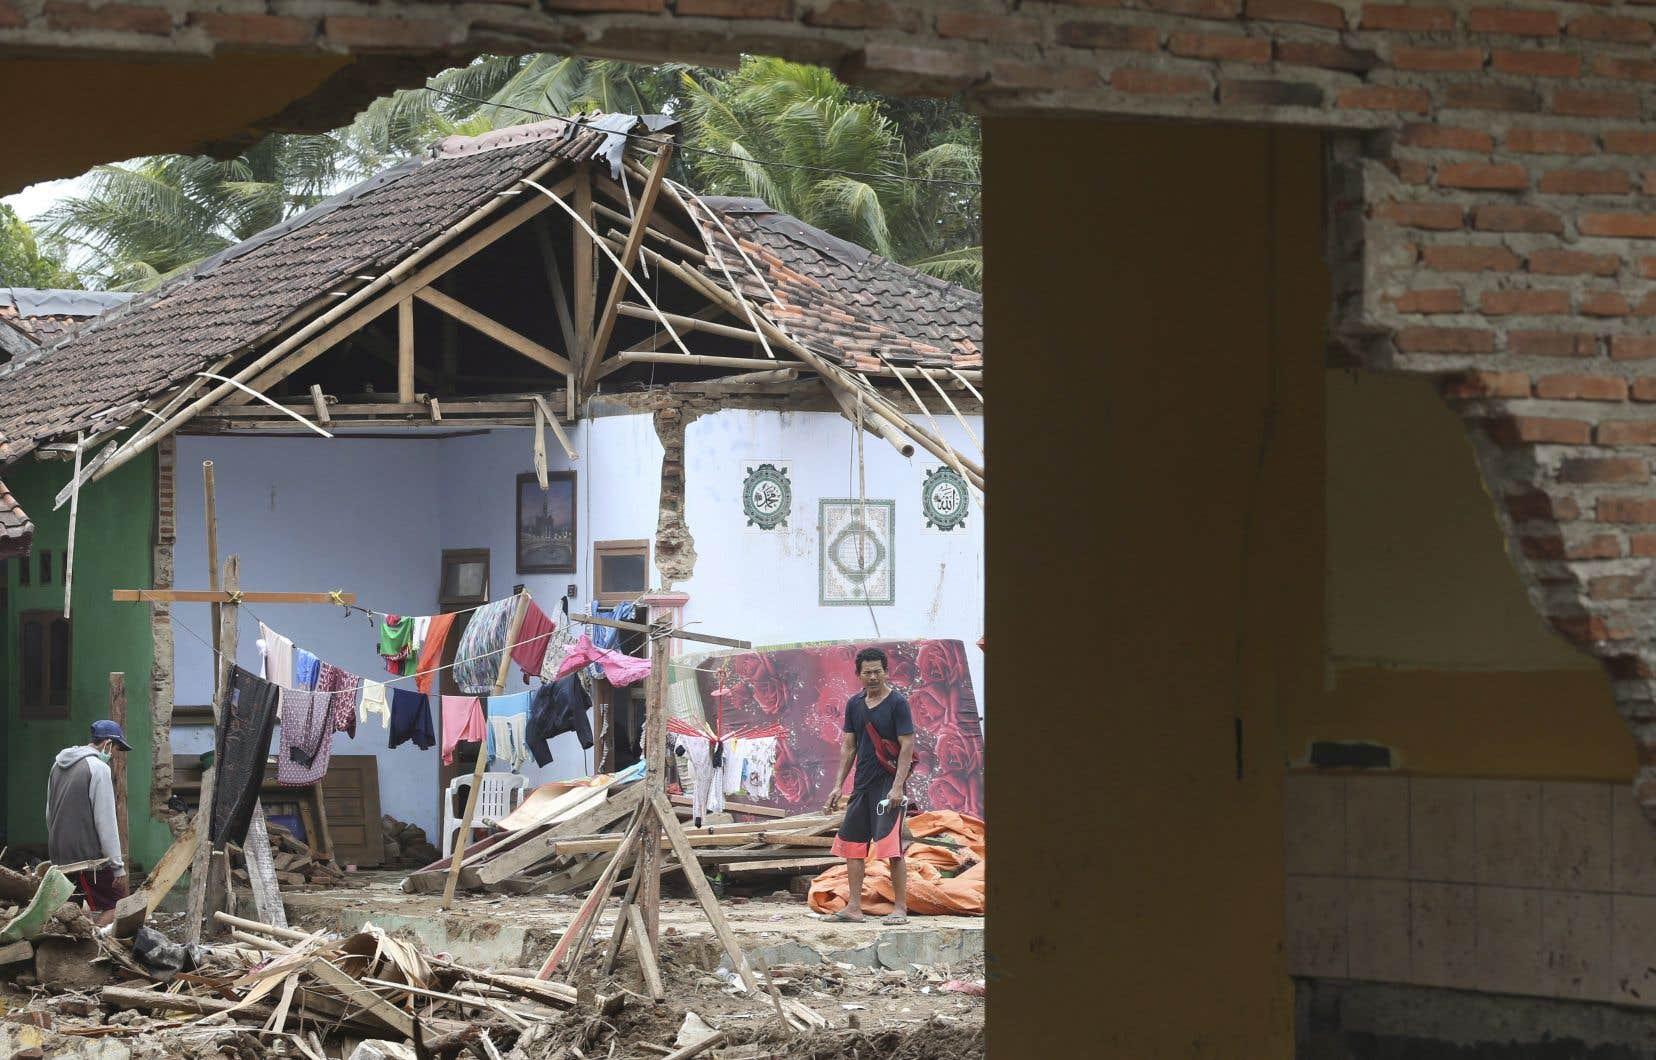 En 2018 un séisme de magnitude7,5 suivi d'un tsunami avait dévasté la région de Palu et fait plus de 4300 morts et disparus.